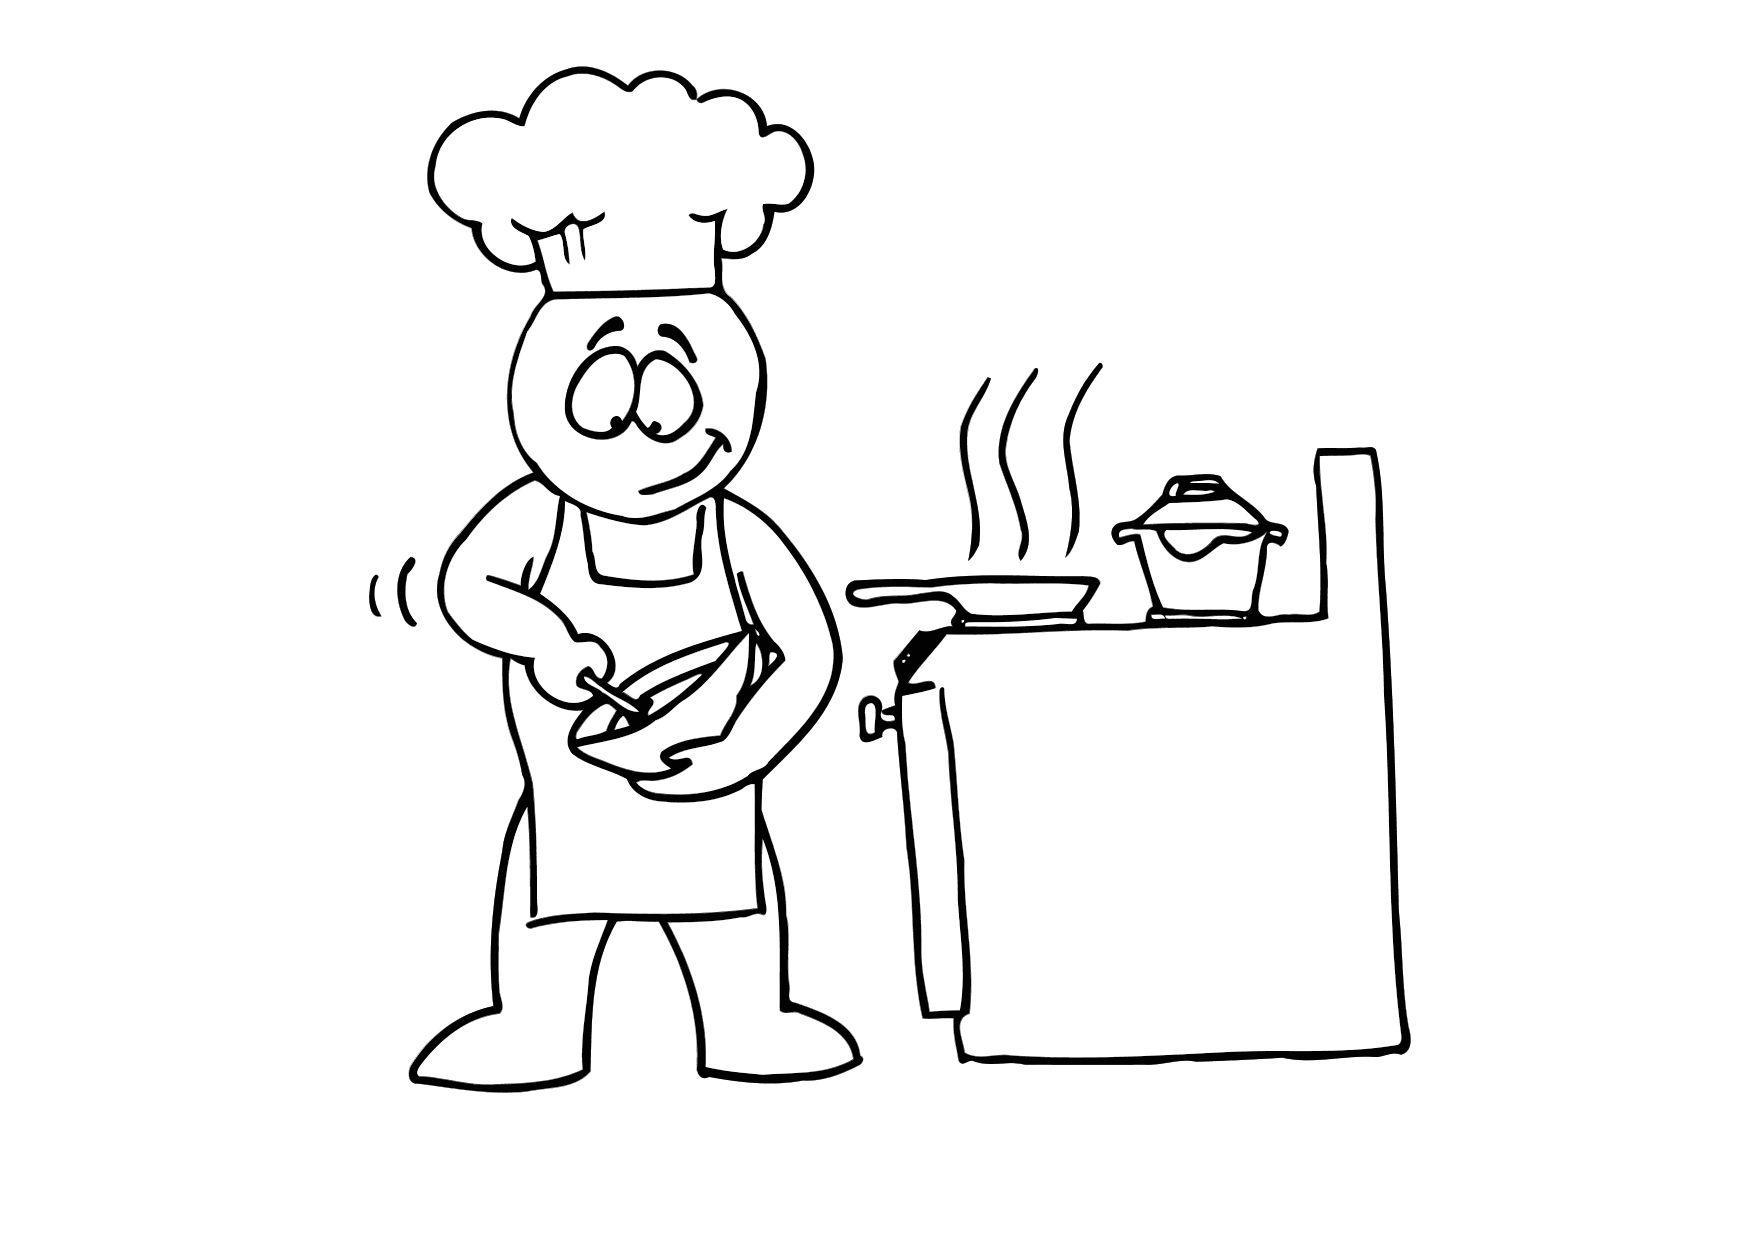 Dibujo para colorear cocinar img 11685 for Cocinar imagenes animadas